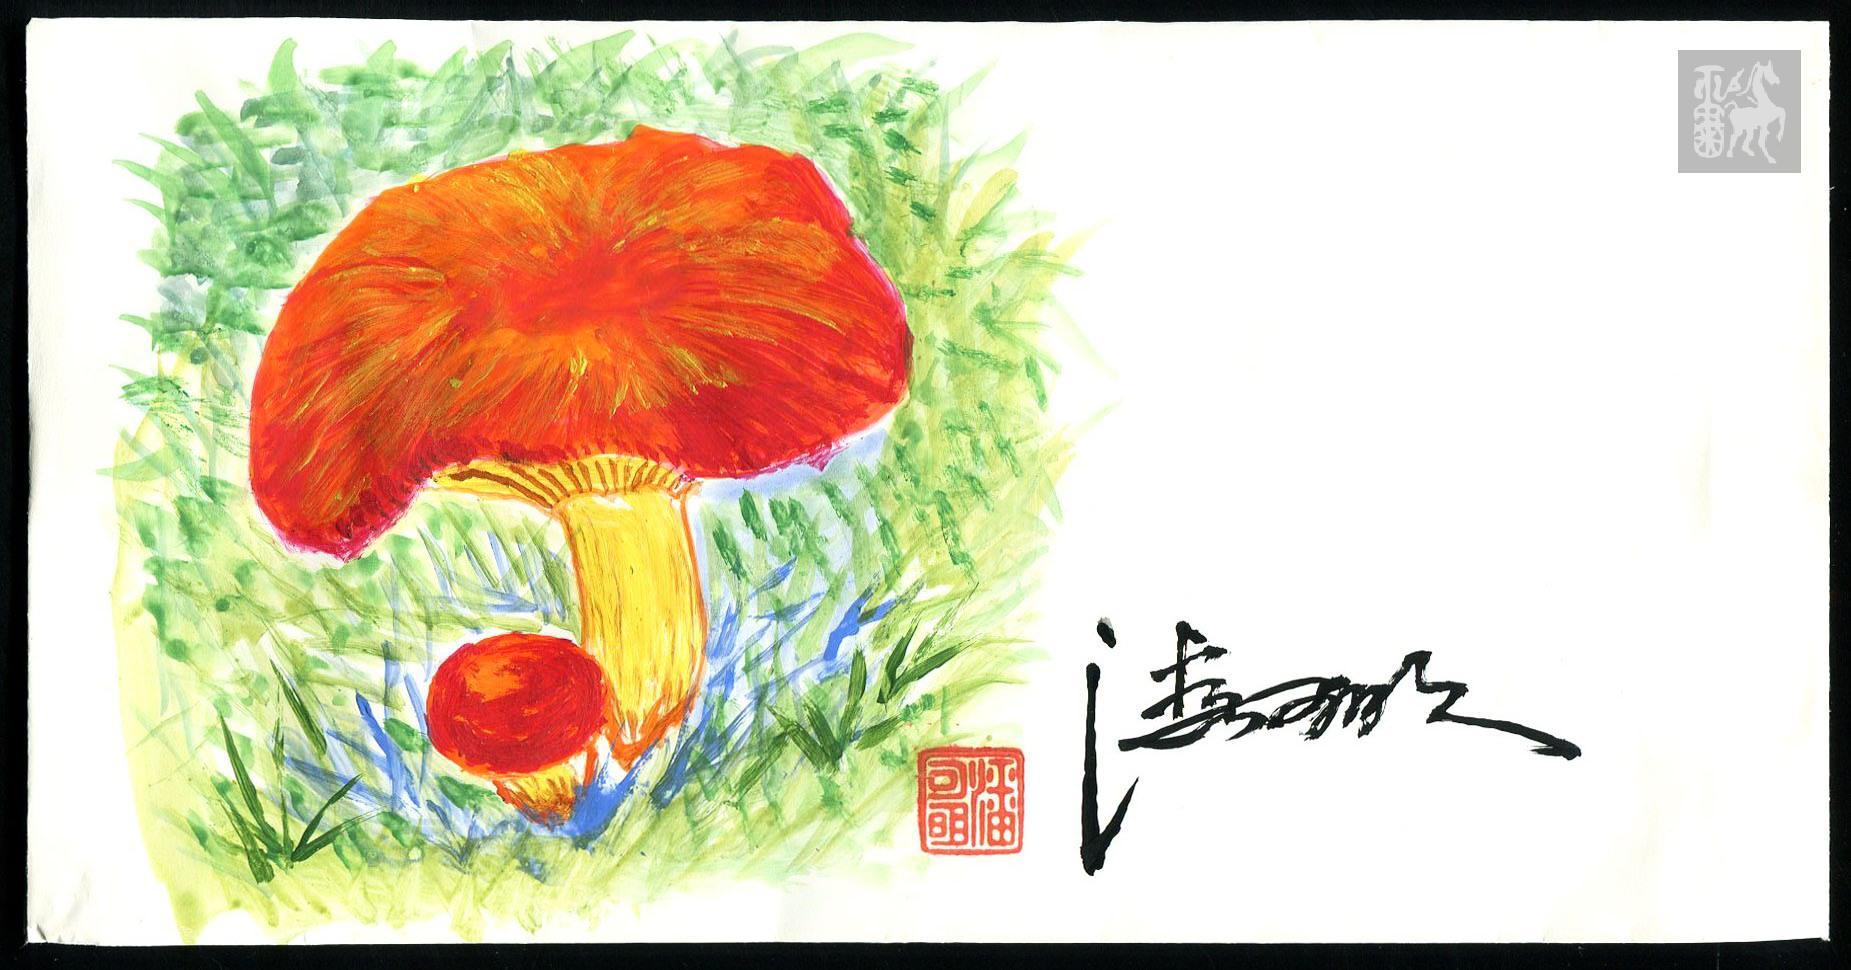 精品手绘封:邮票设计家潘可的明食用菌